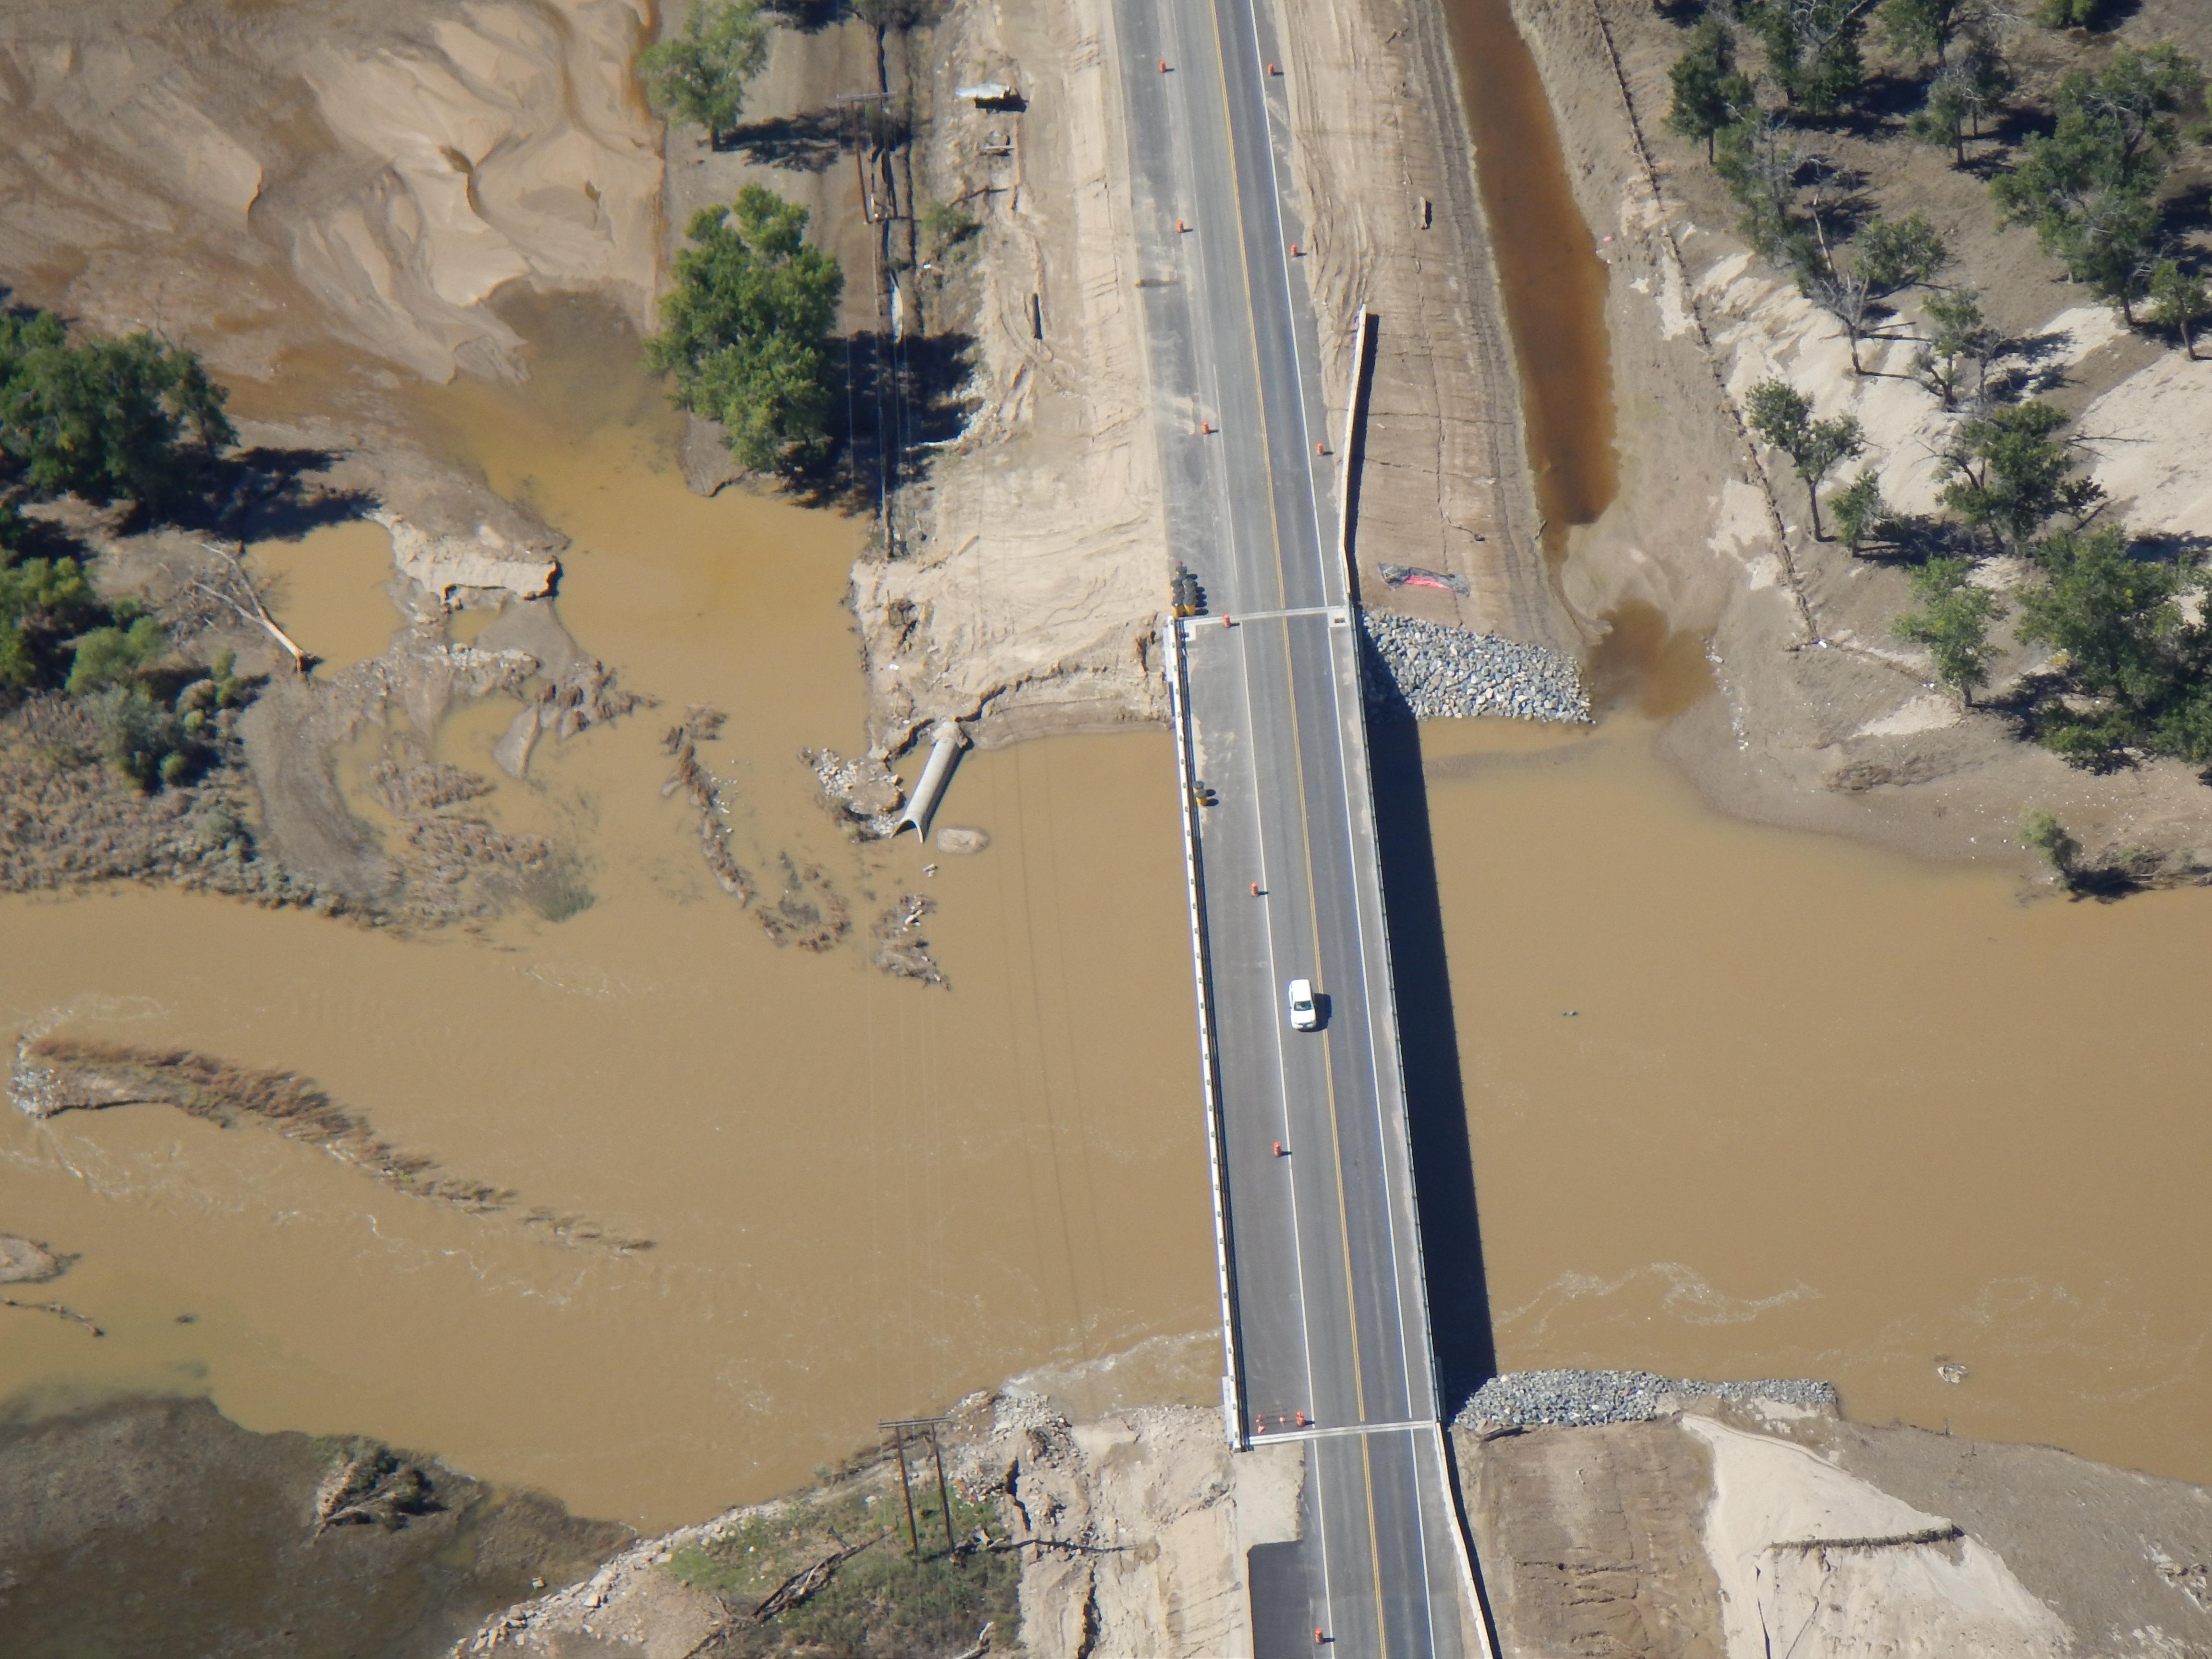 2013-9-25-colorado-platteville-county-road